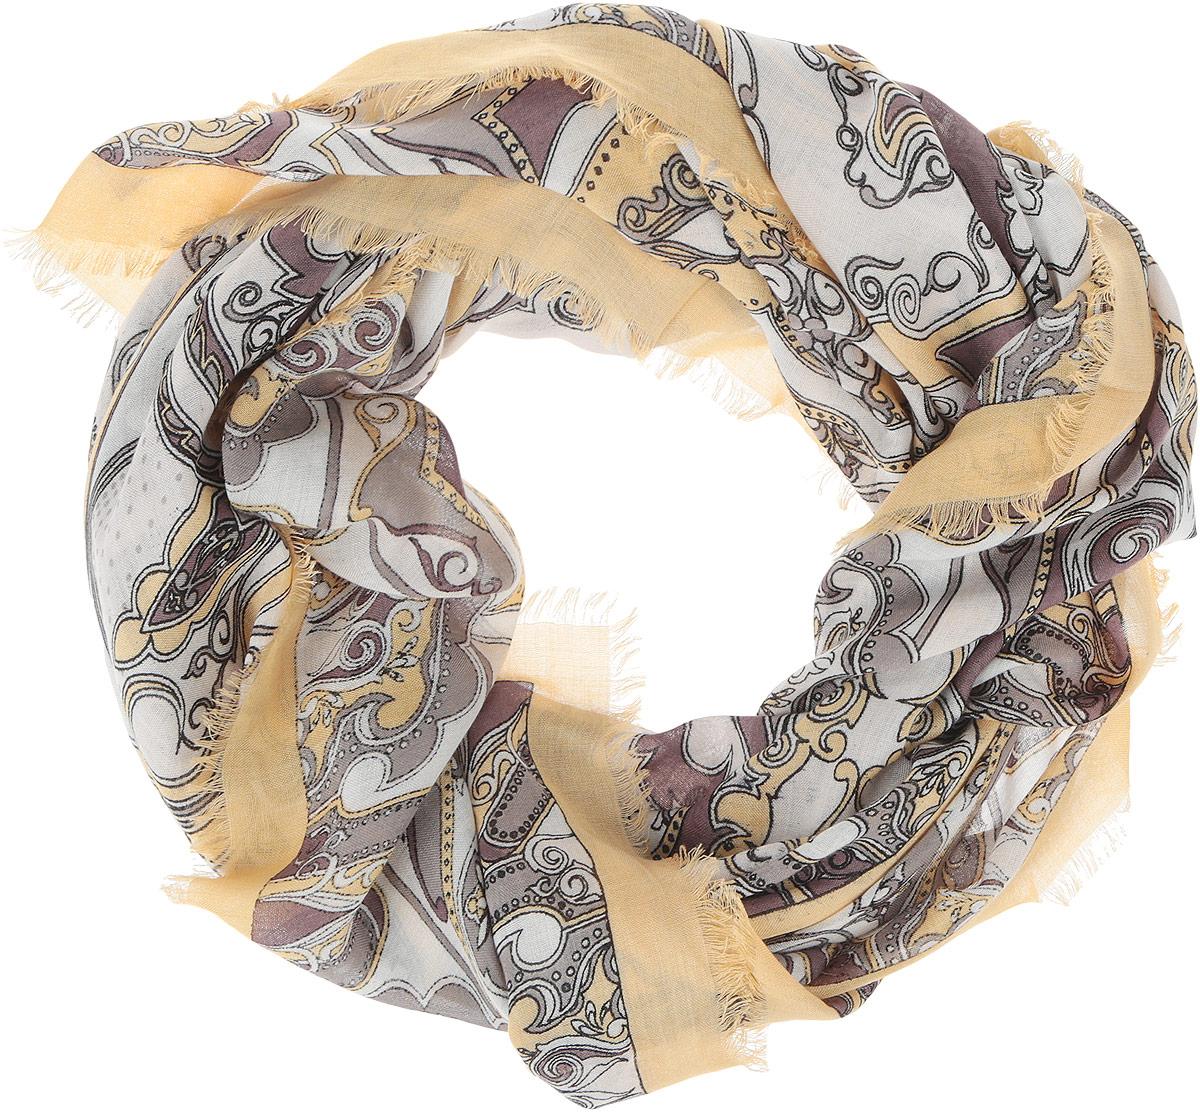 Платок женский Fabretti, цвет: песочный, коричневый. DS2015-004-6. Размер 111 см х 111 смDS2015-004-6Стильный женский платок Fabretti станет великолепным завершением любого наряда. Платок изготовлен из высококачественного модала с добавлением вискозы, оформлен сложным растительным орнаментом и украшен тонкой бахромой по краям. Классическая квадратная форма позволяет носить платок на шее, украшать им прическу или декорировать сумочку. Мягкий и шелковистый платок поможет вам создать изысканный женственный образ, а также согреет в непогоду. Такой платок превосходно дополнит любой наряд и подчеркнет ваш неповторимый вкус и элегантность.